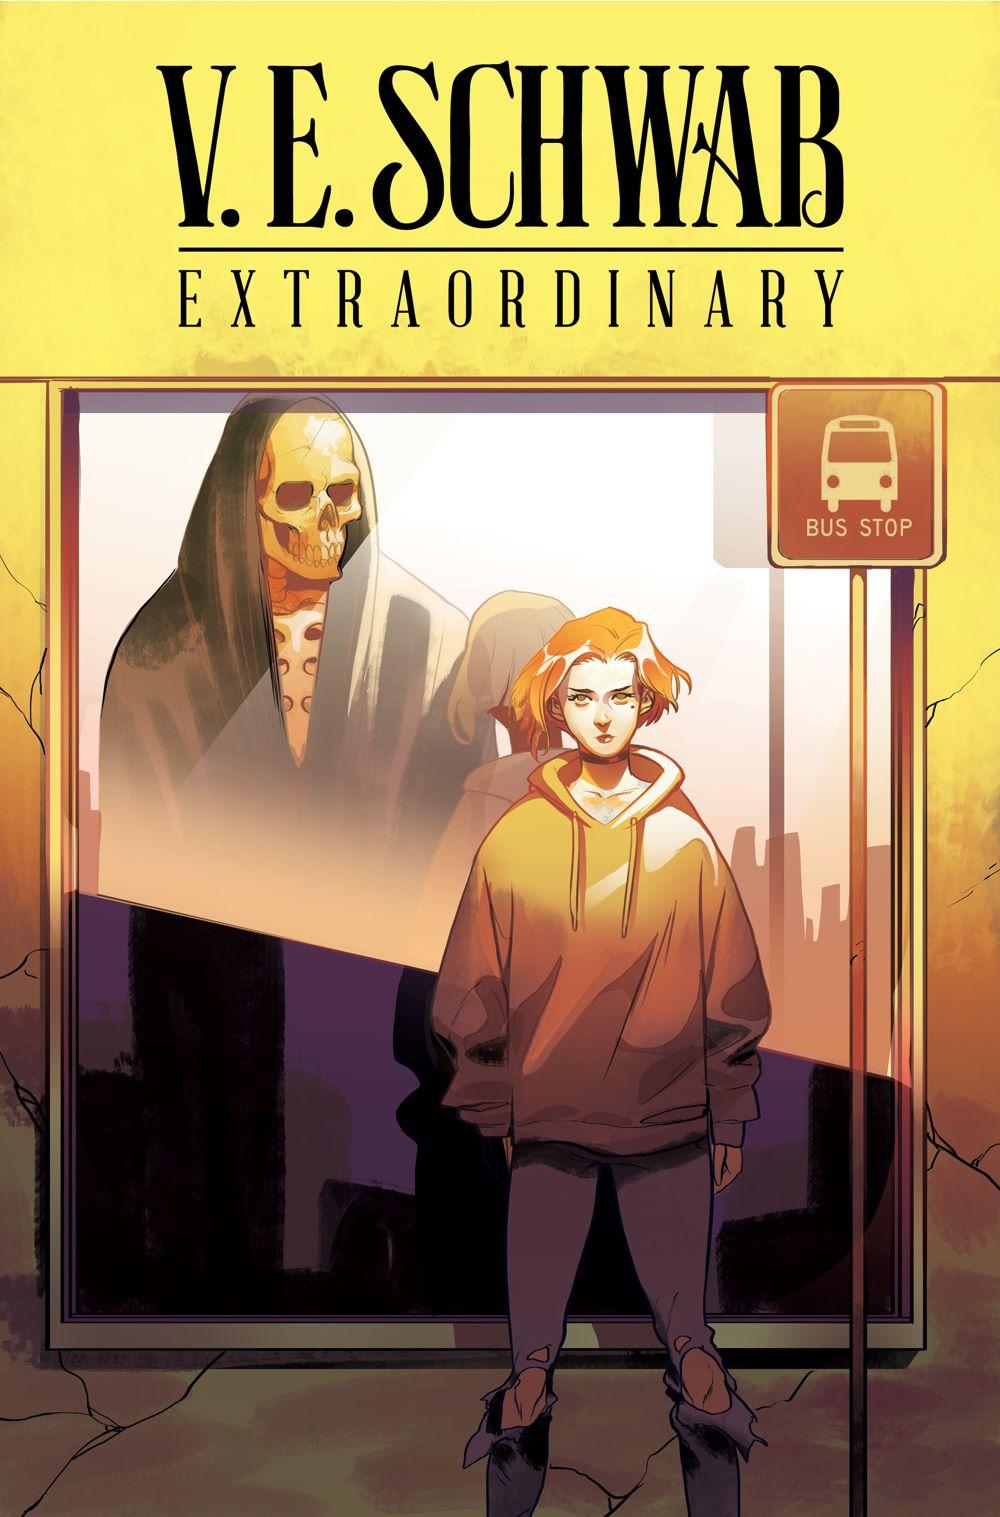 EXTRAORDINARY-2B-BALDEMAR-RIVAS Titan Comics July 2021 Solicitations